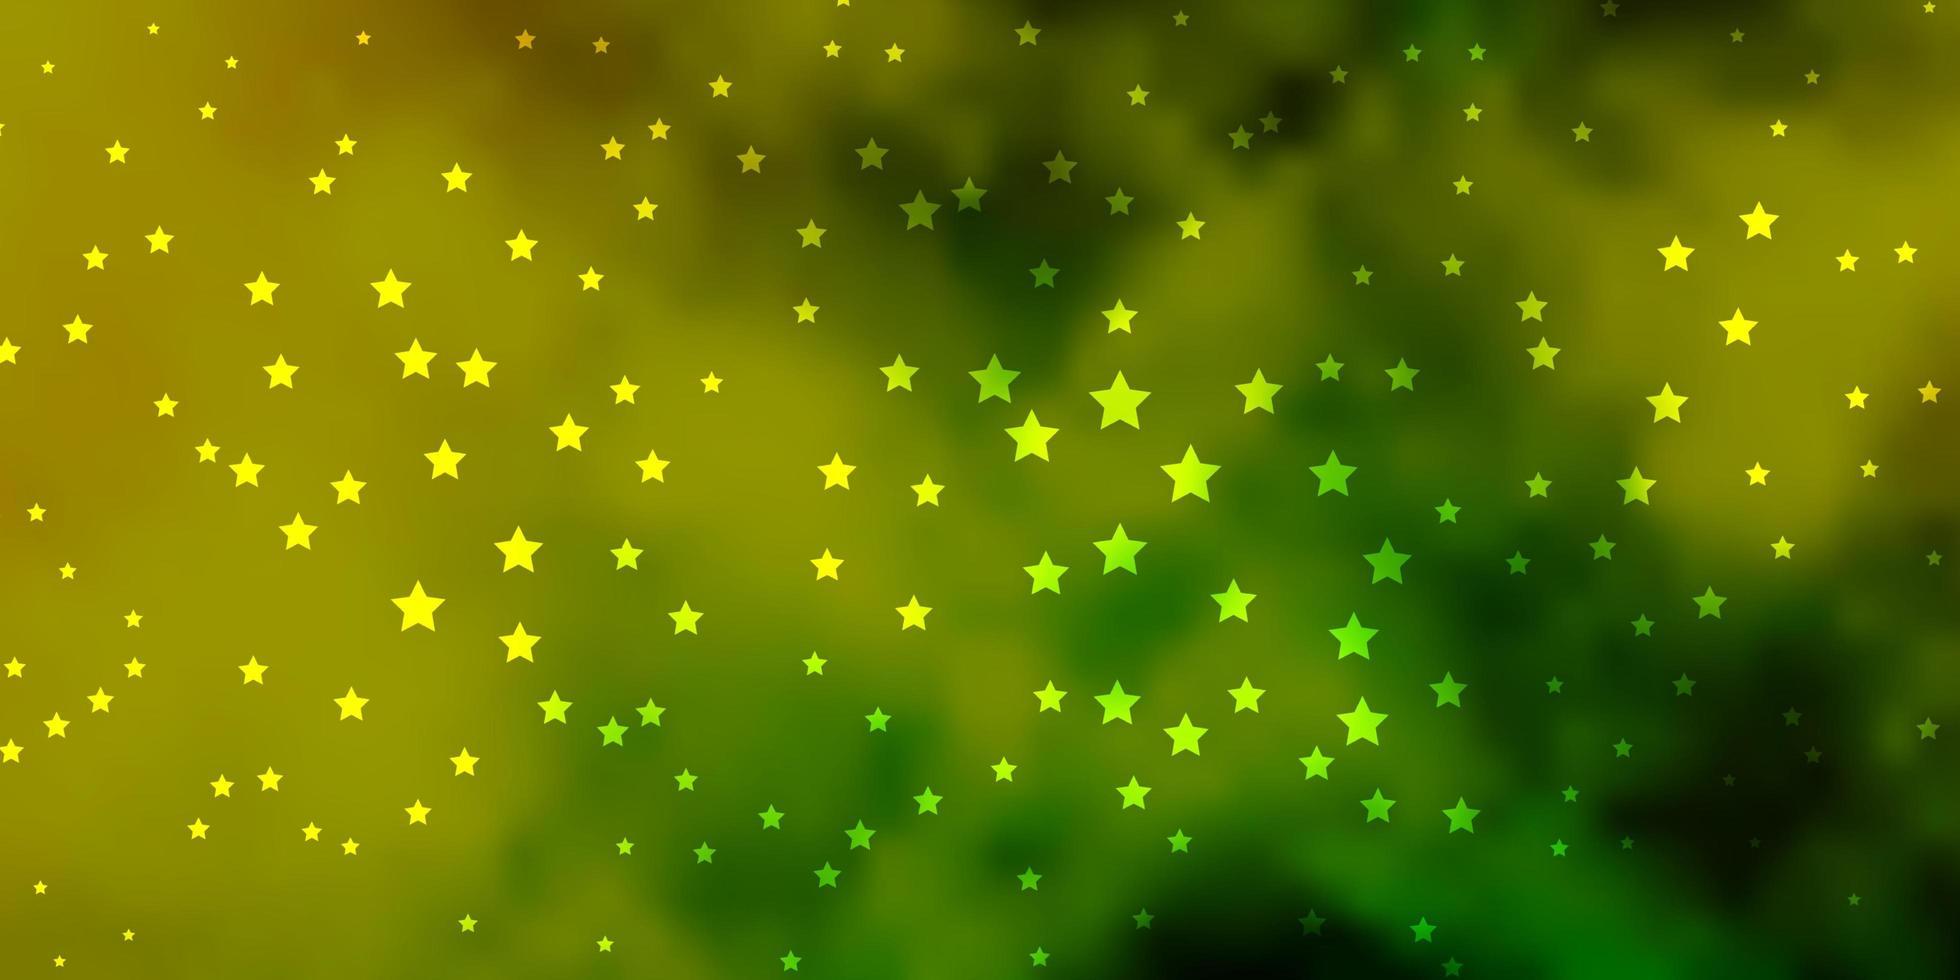 fond de vecteur vert foncé, jaune avec des étoiles colorées.